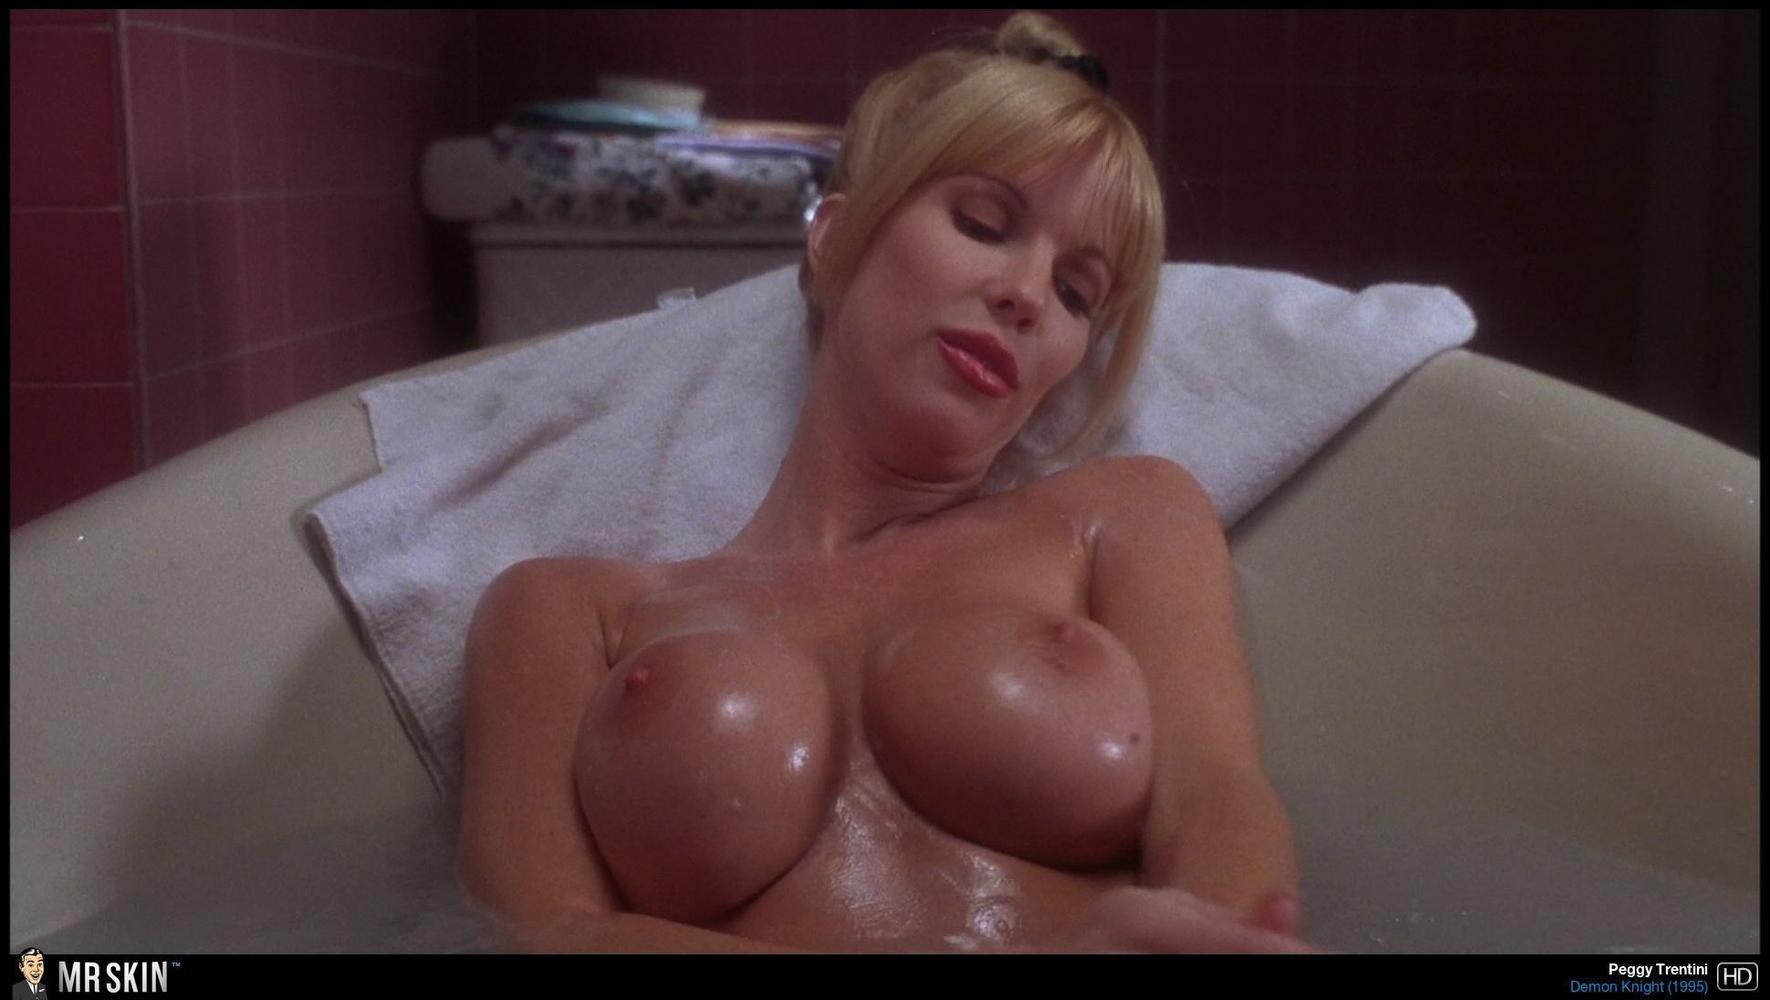 Leslie uggams sex, nude hottest chick